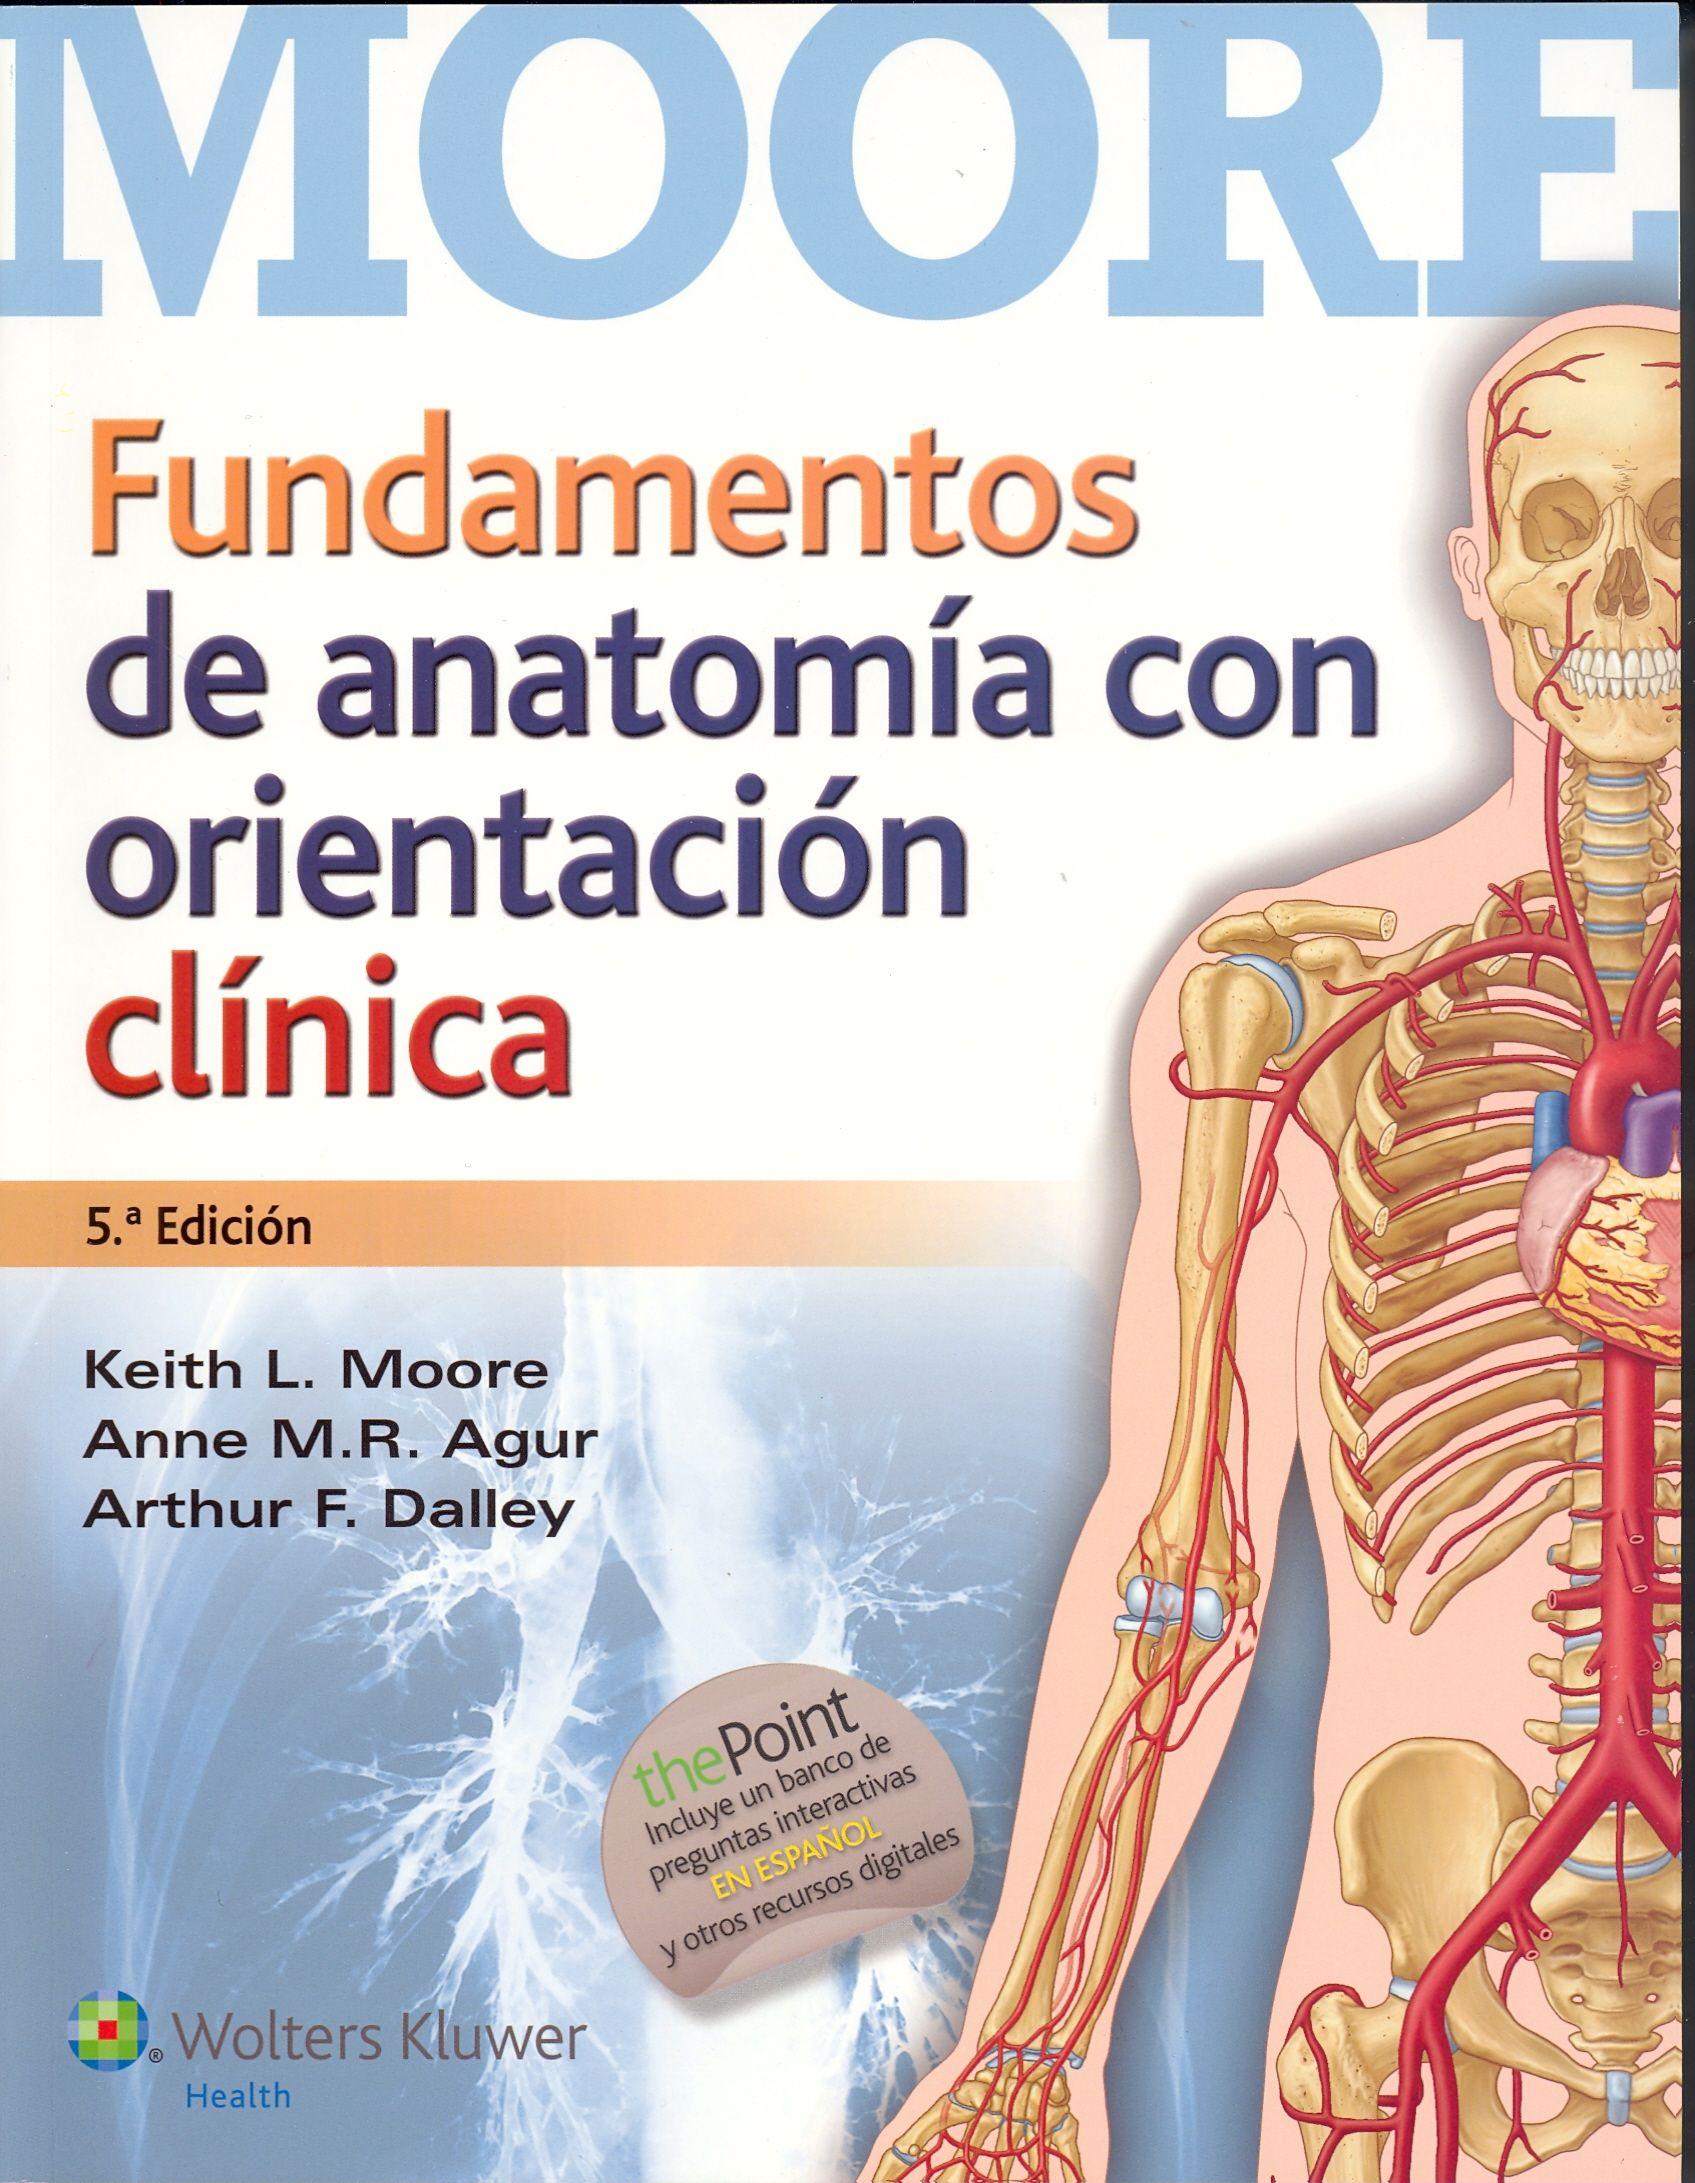 Fundamentos de anatomía : con orientación clínica : 5ª edición ...